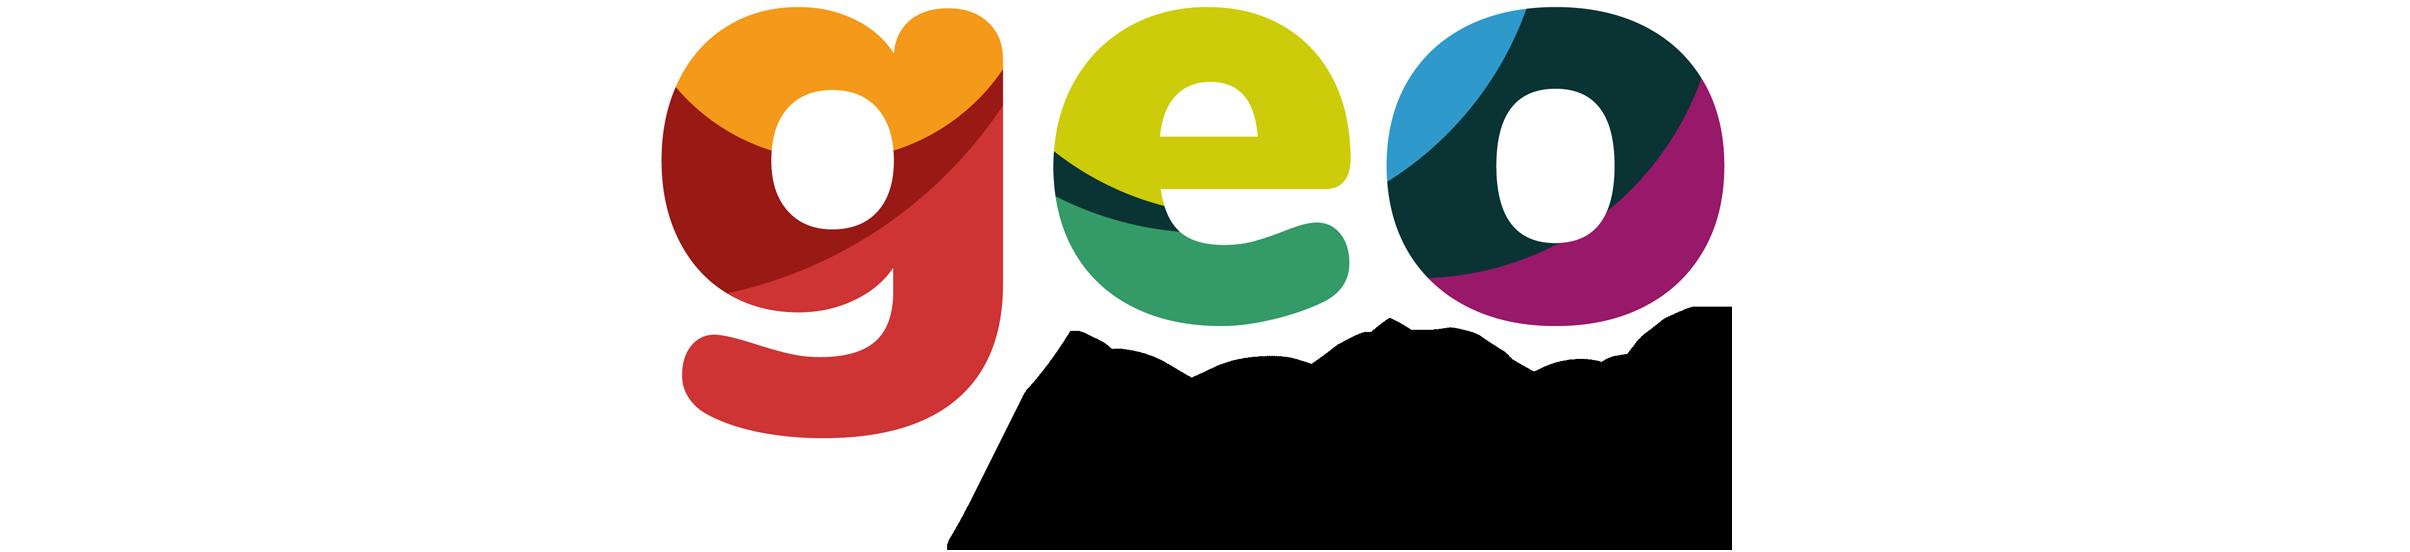 GeoPortal logo